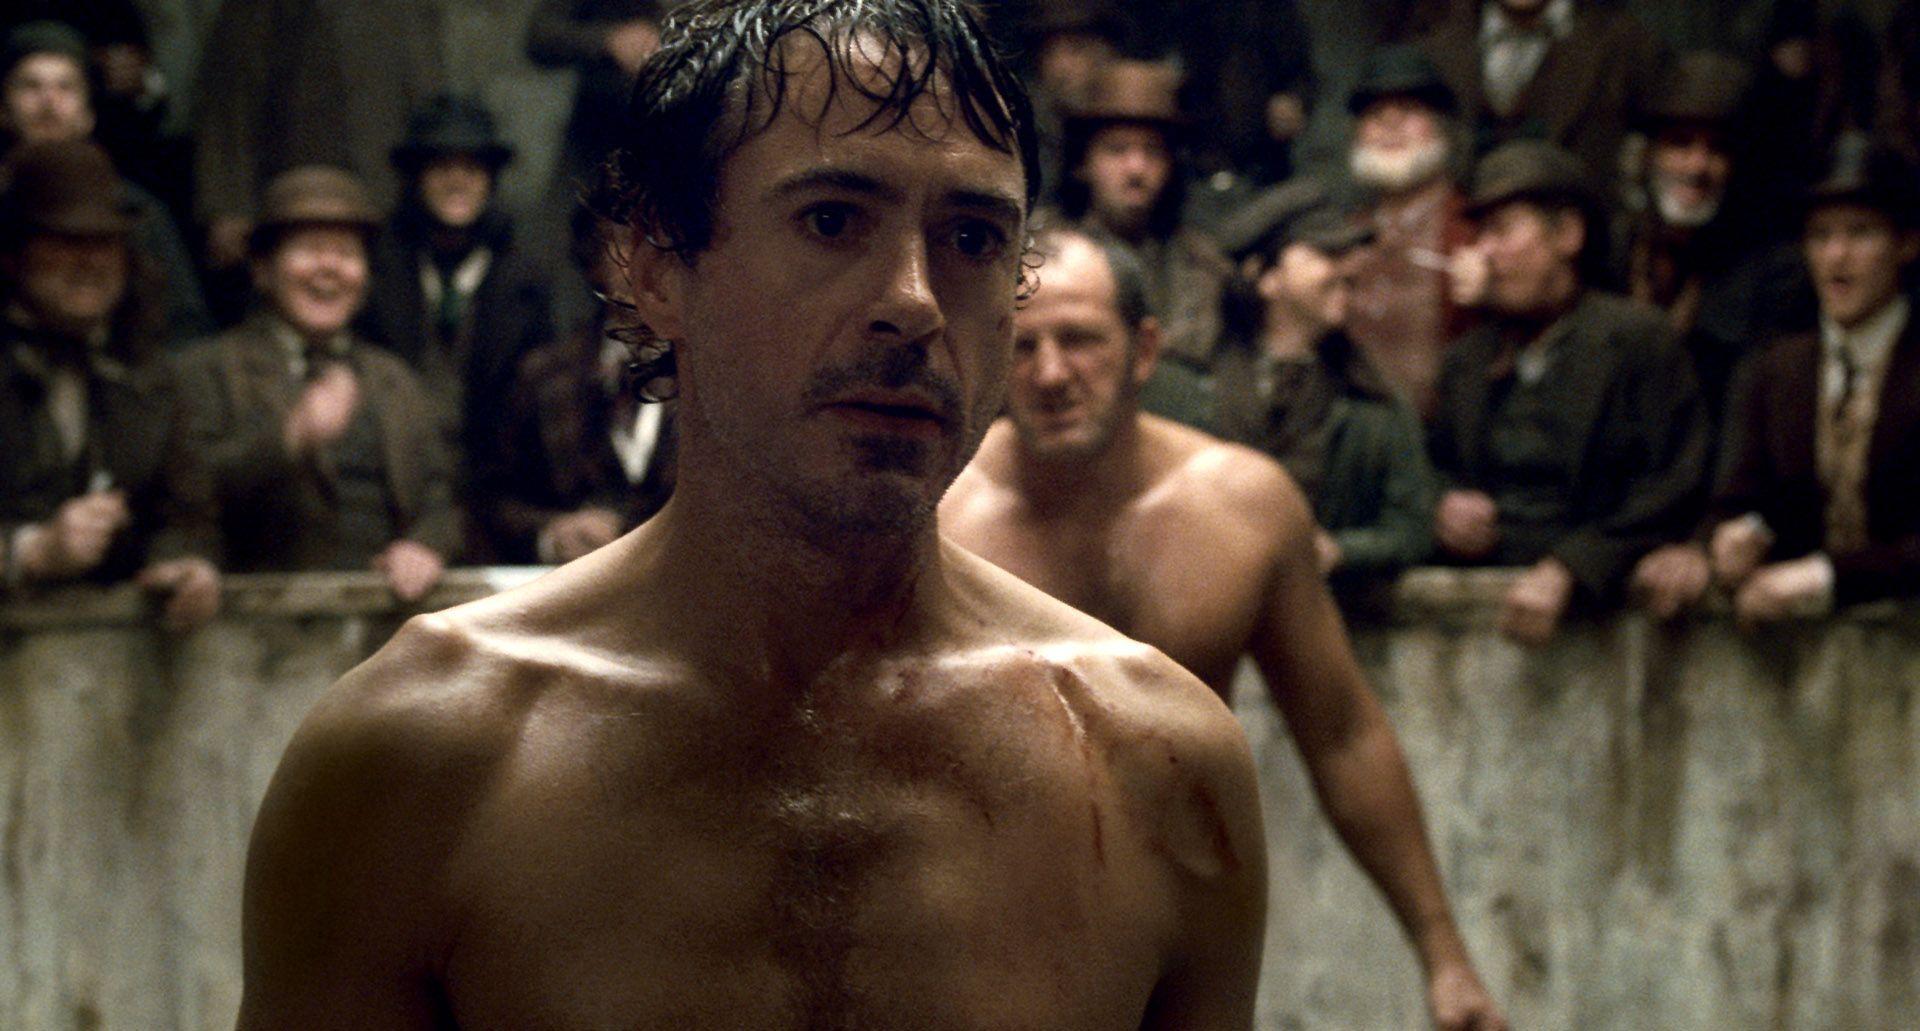 Las 10 frases más trilladas del cine